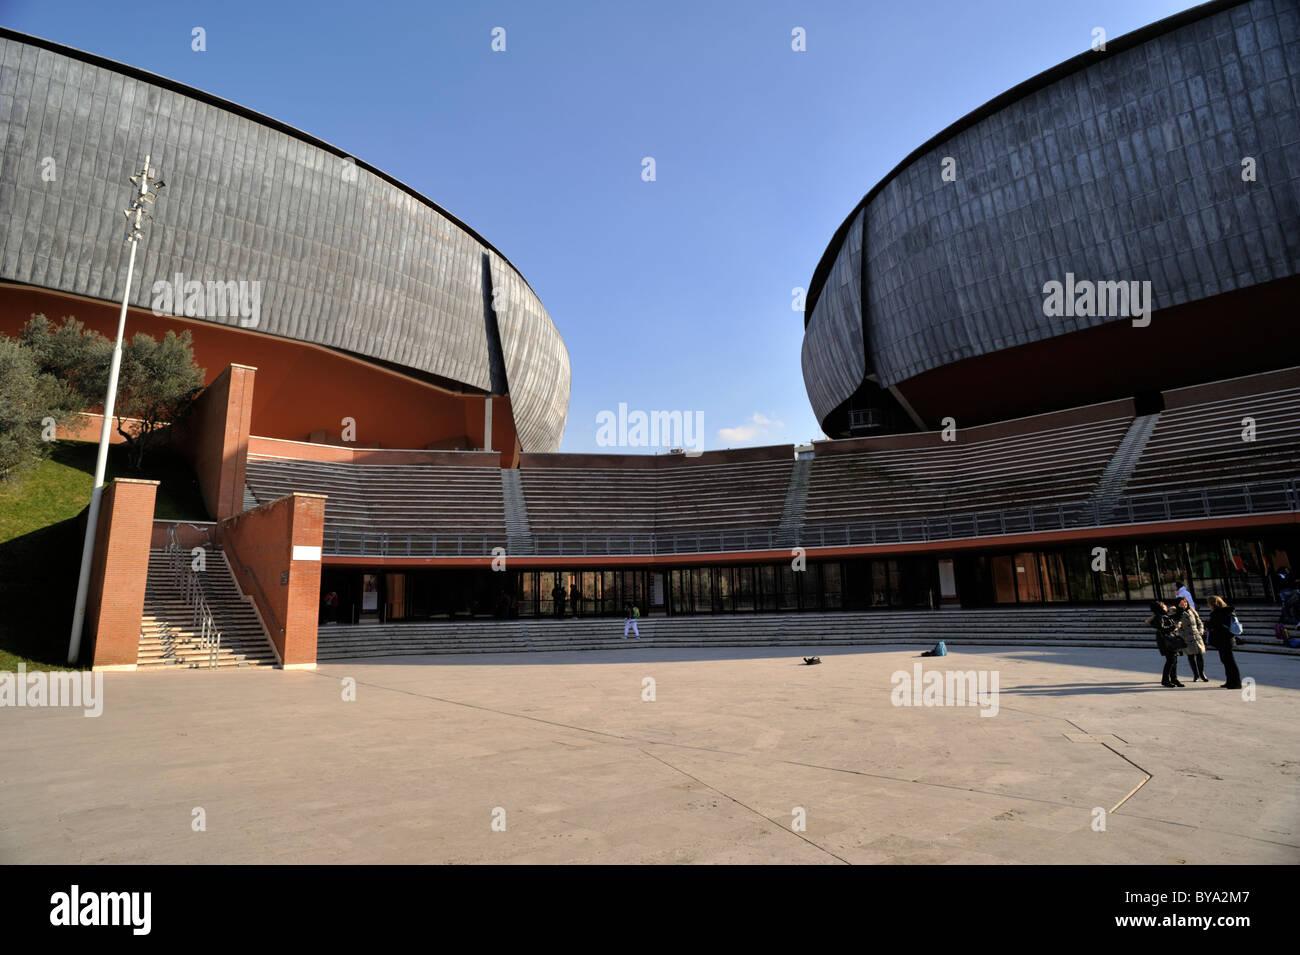 Italien, Rom, Auditorium Parco della Musica, Architekten Renzo Piano Stockfoto